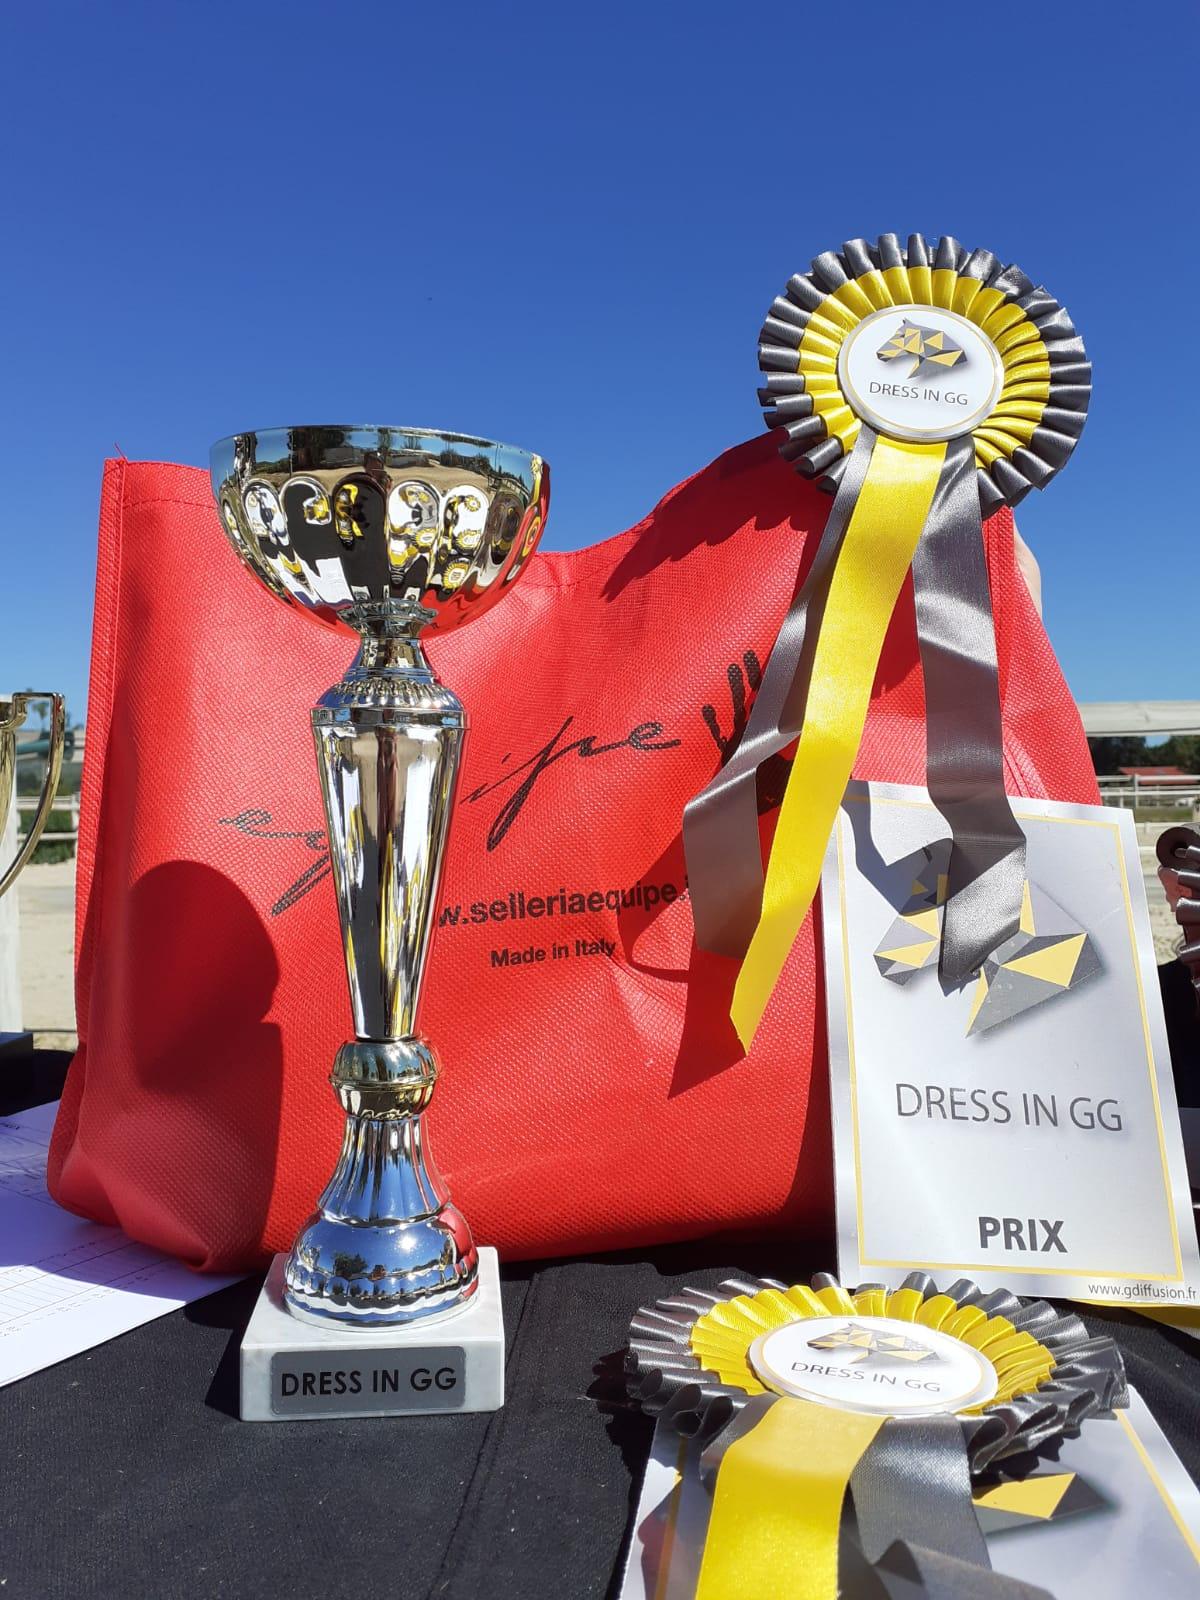 Concours de Dressage Amateurs et Pros 2020